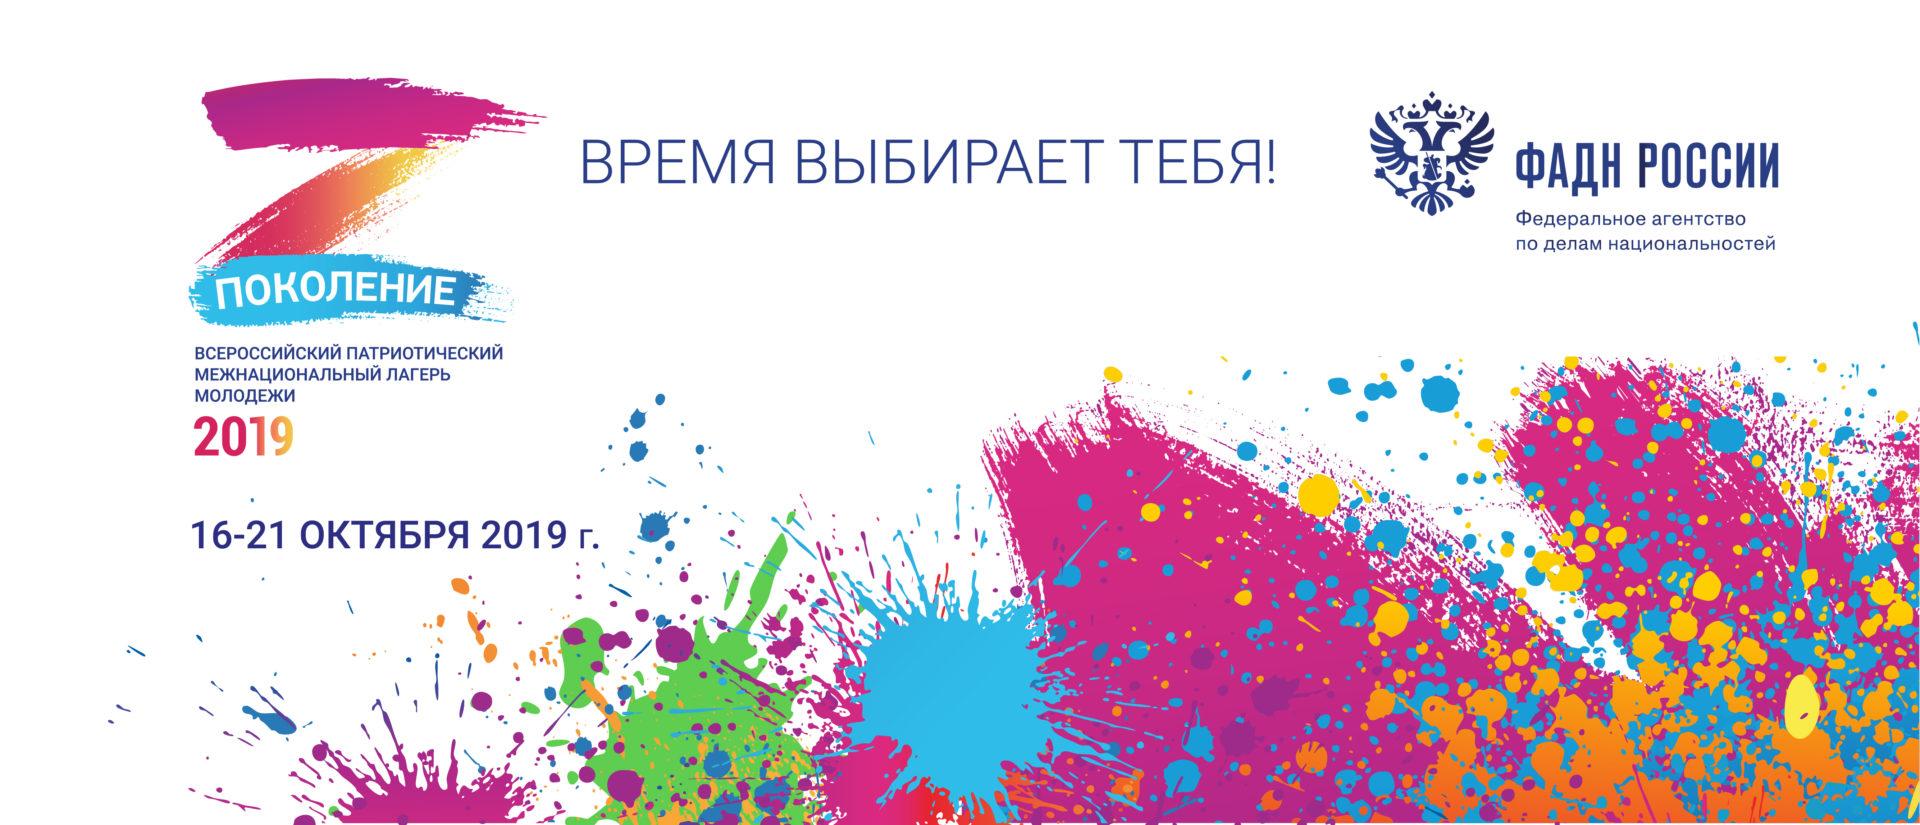 Якутян приглашают во Всероссийский патриотический лагерь молодежи «Поколение»